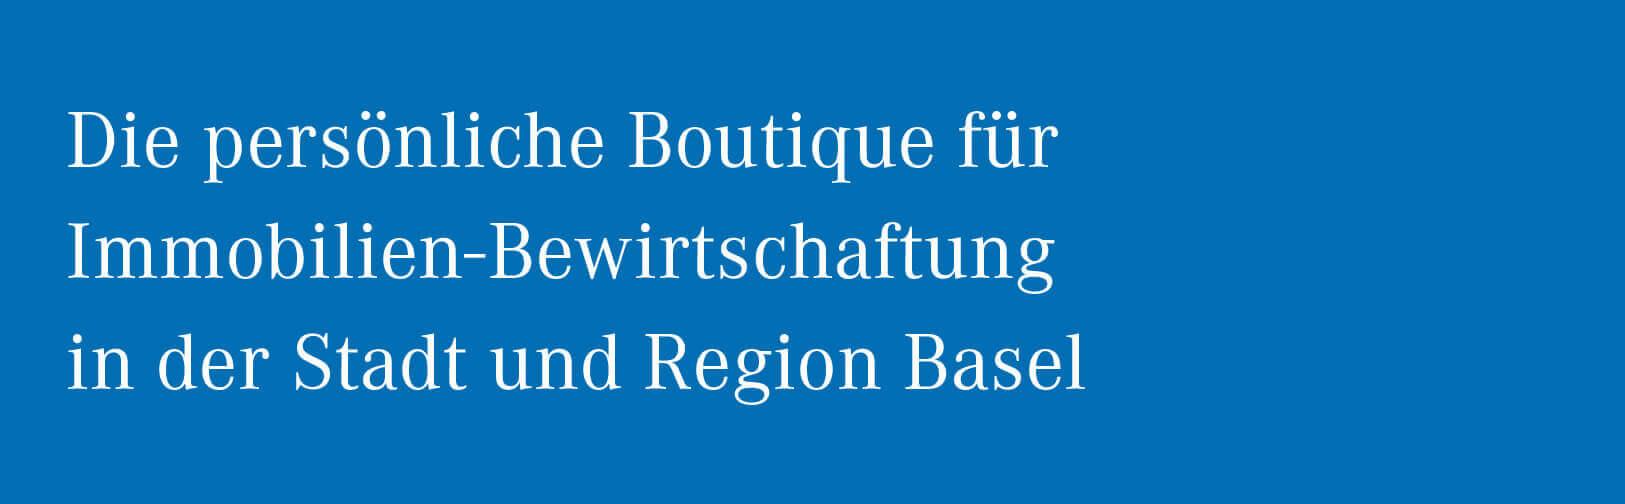 Haus oder Wohnung kaufen in Basel und Baselland